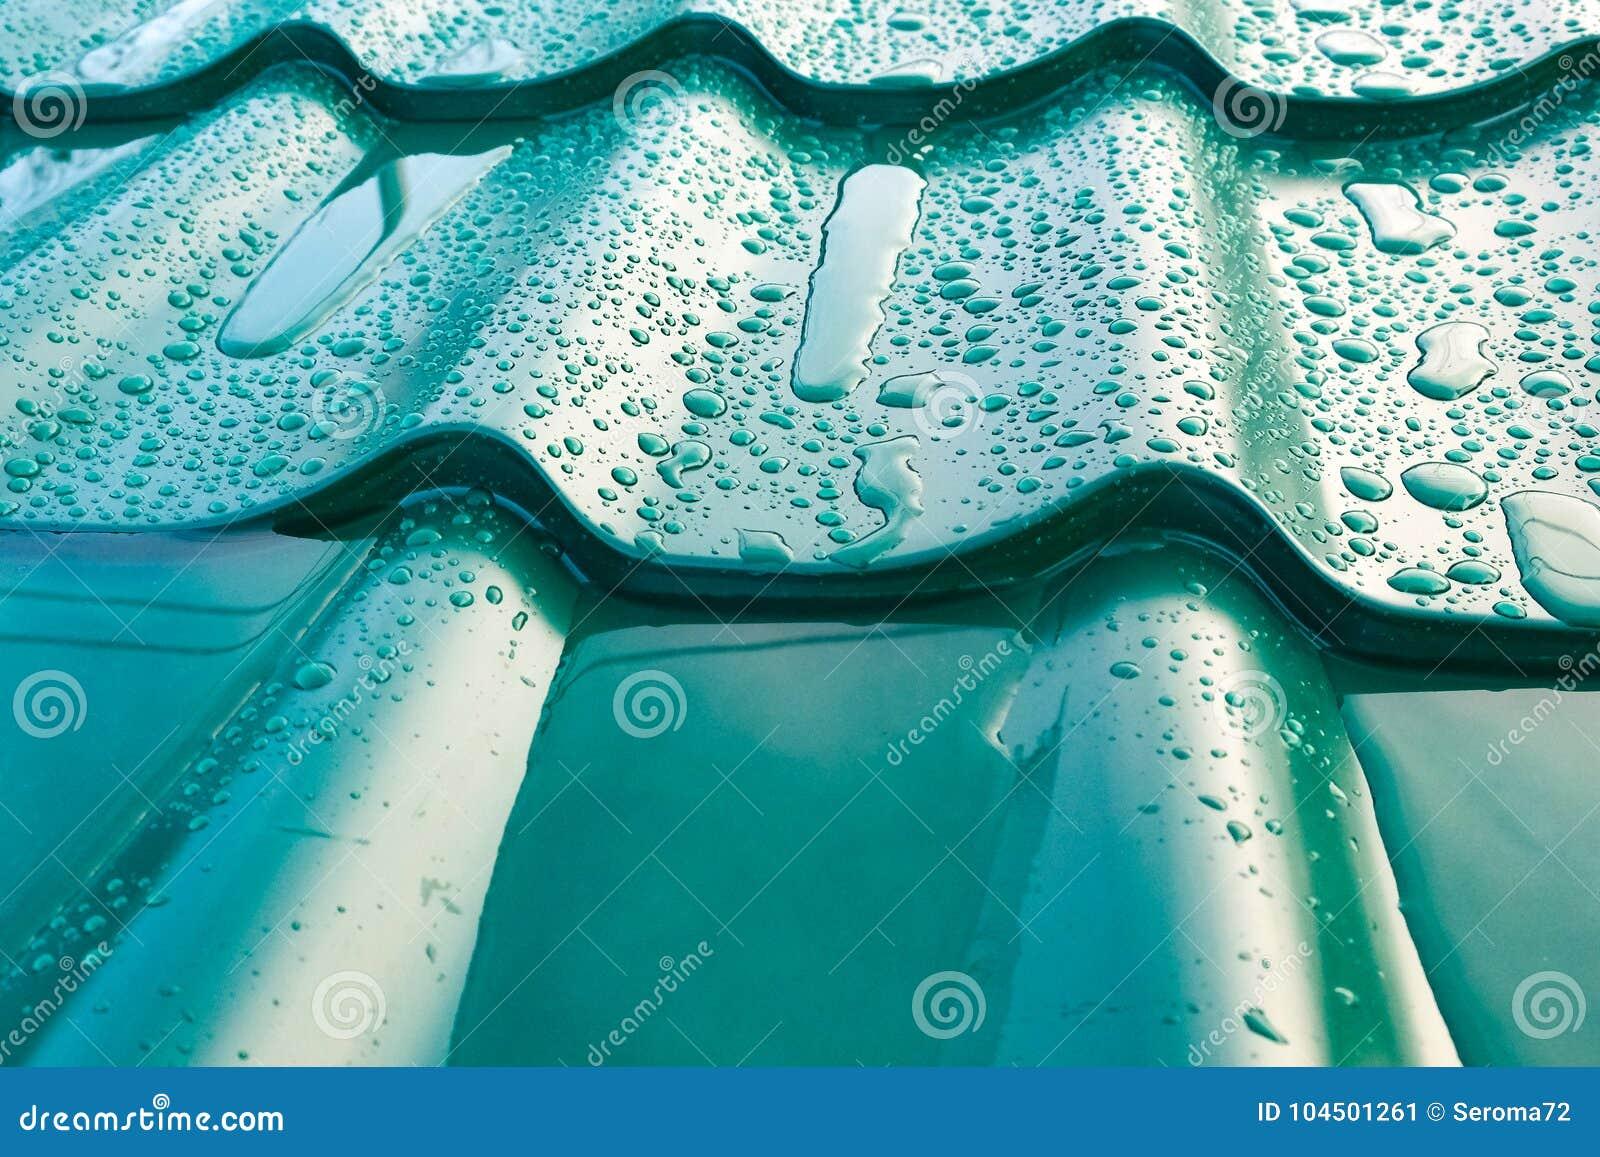 Dach metal